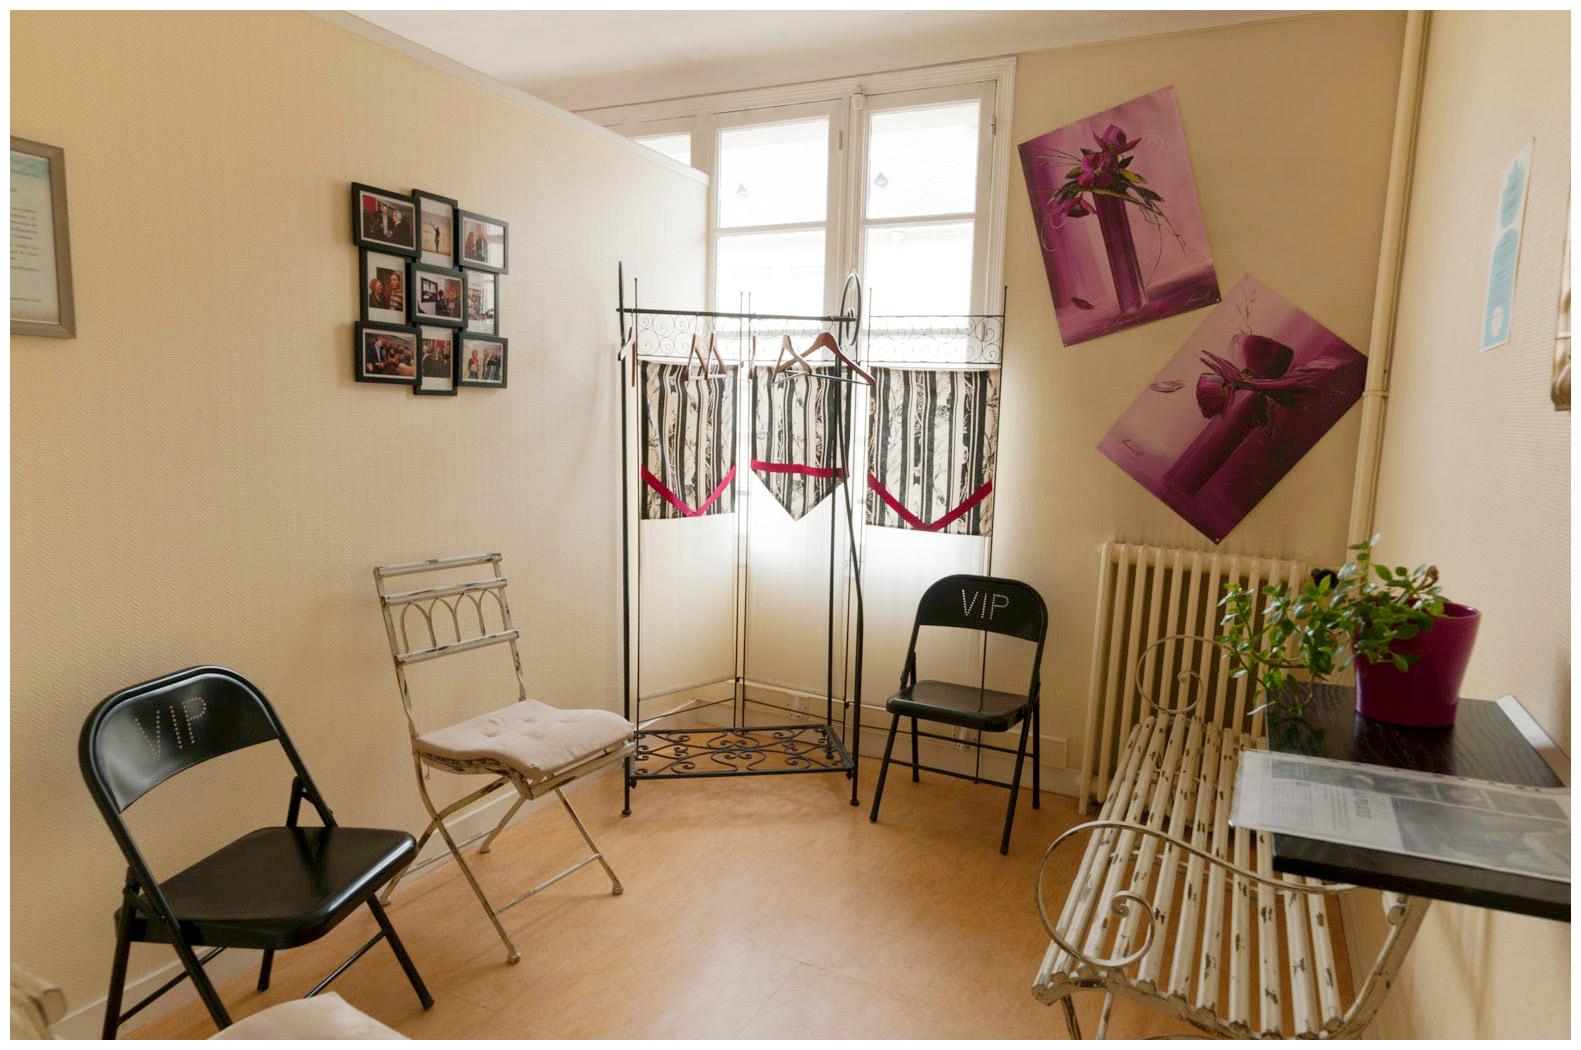 caen-pilates-studio-06